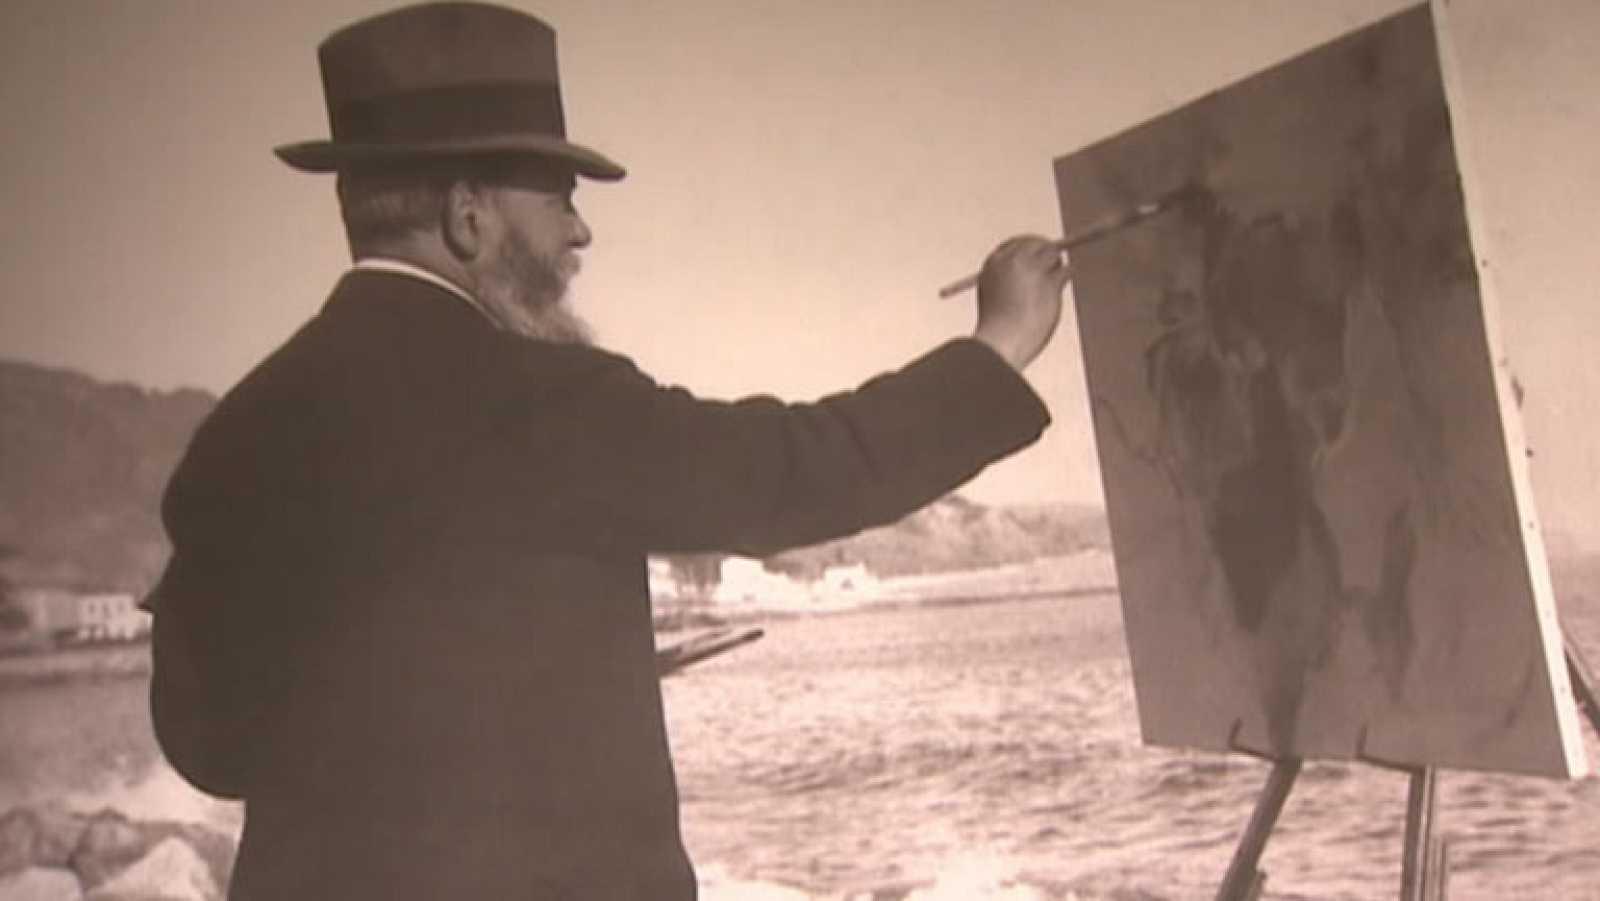 El Museo de Sorolla en Madrid expone los dibujos en papel del pintor